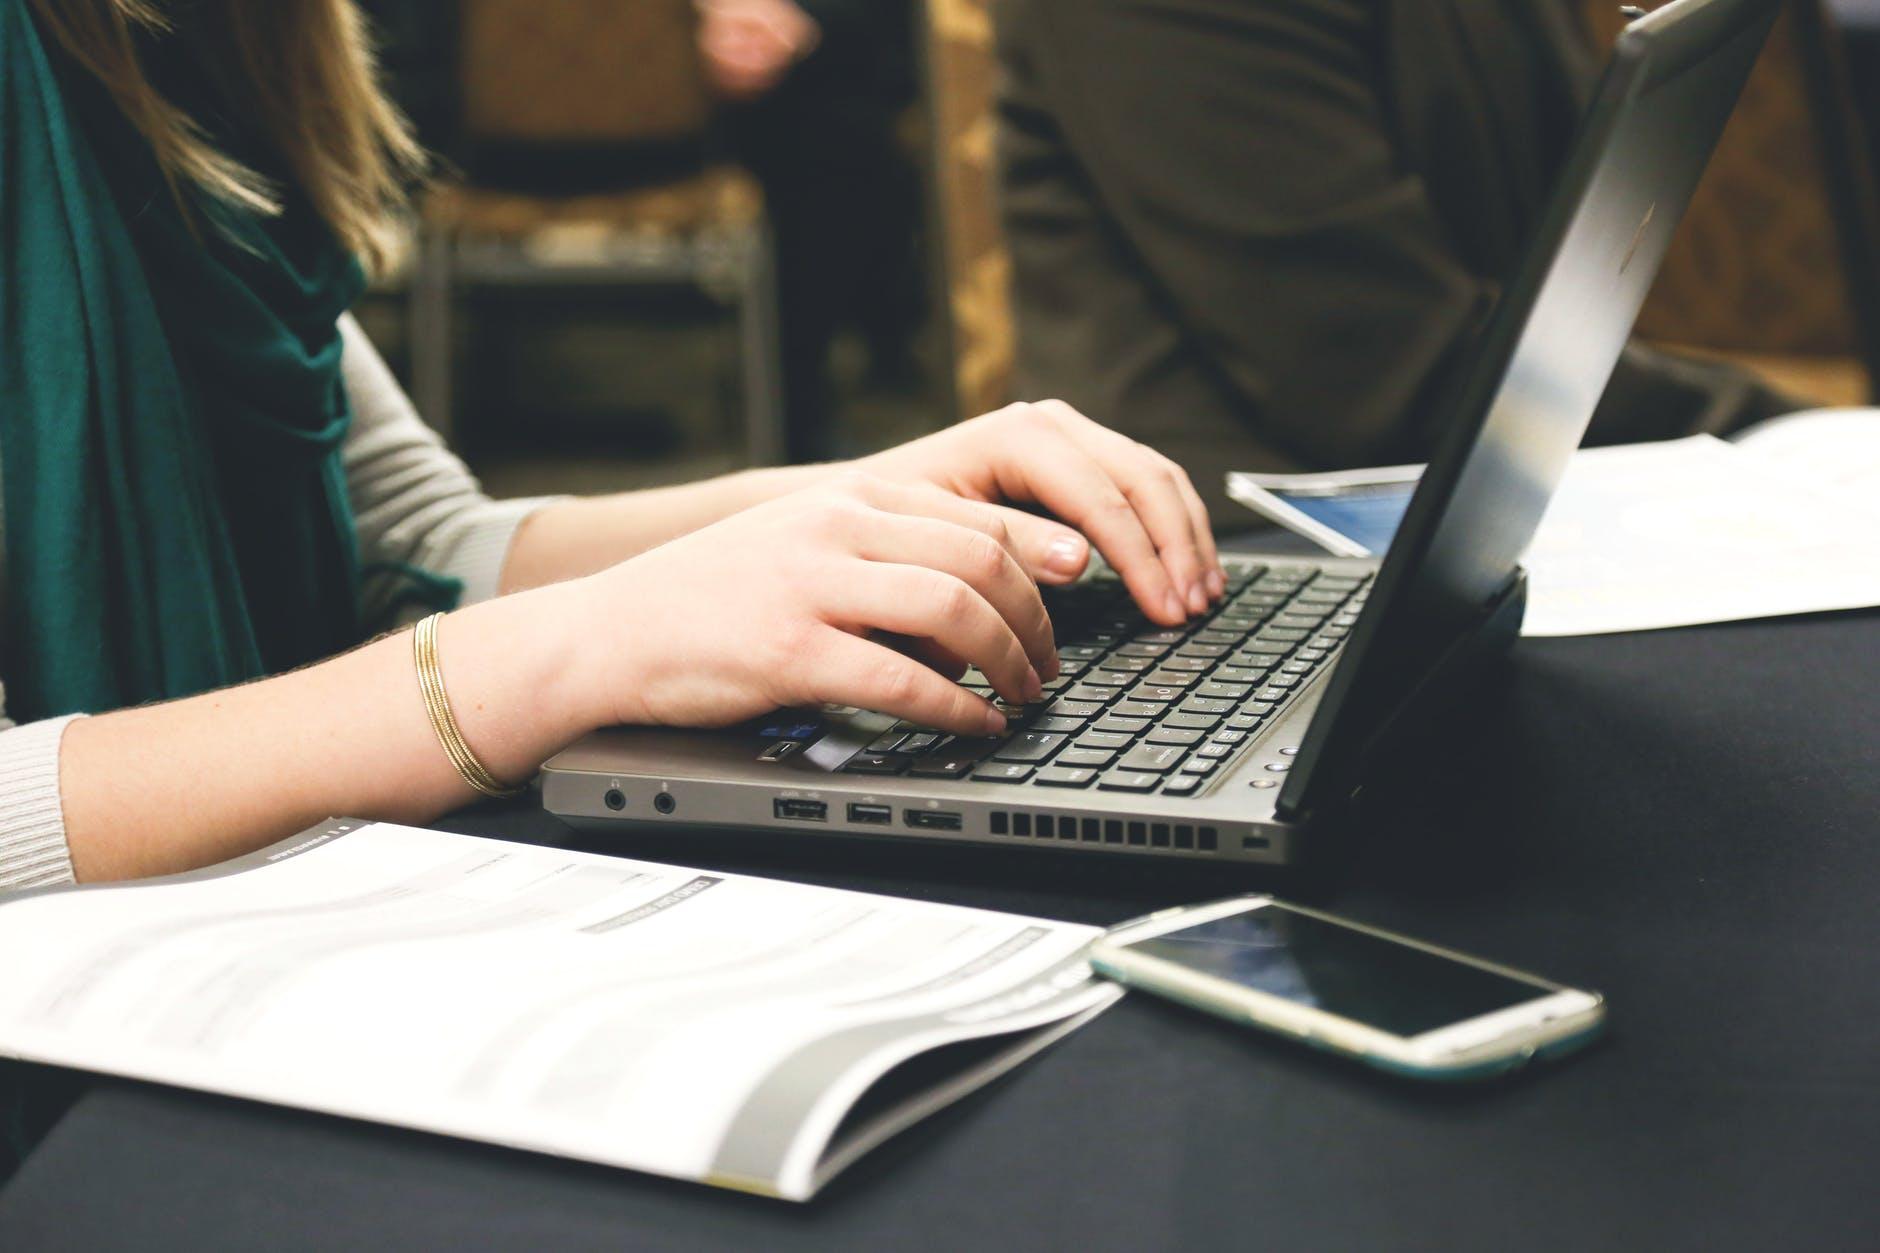 woman typing writing windows - Набор текста и расшифровка видео и аудио записей, иврит, русский, арабский, английский